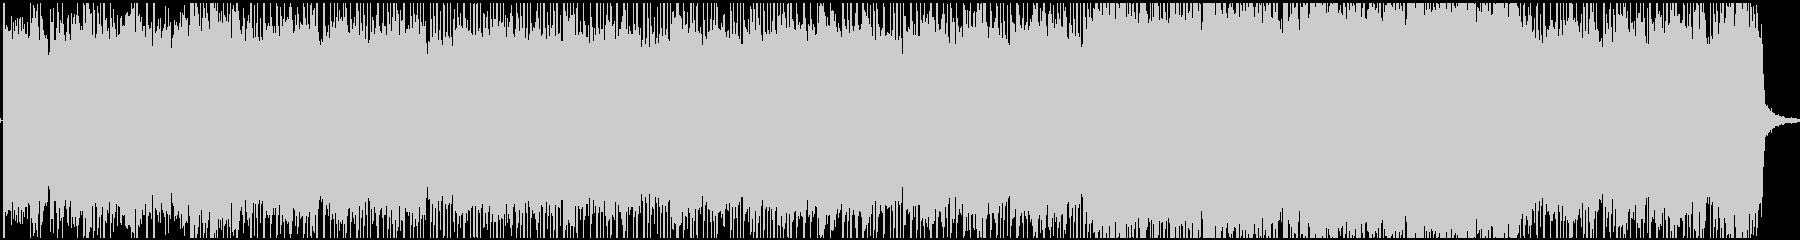 パンク 実験的 ロック ポストロッ...の未再生の波形